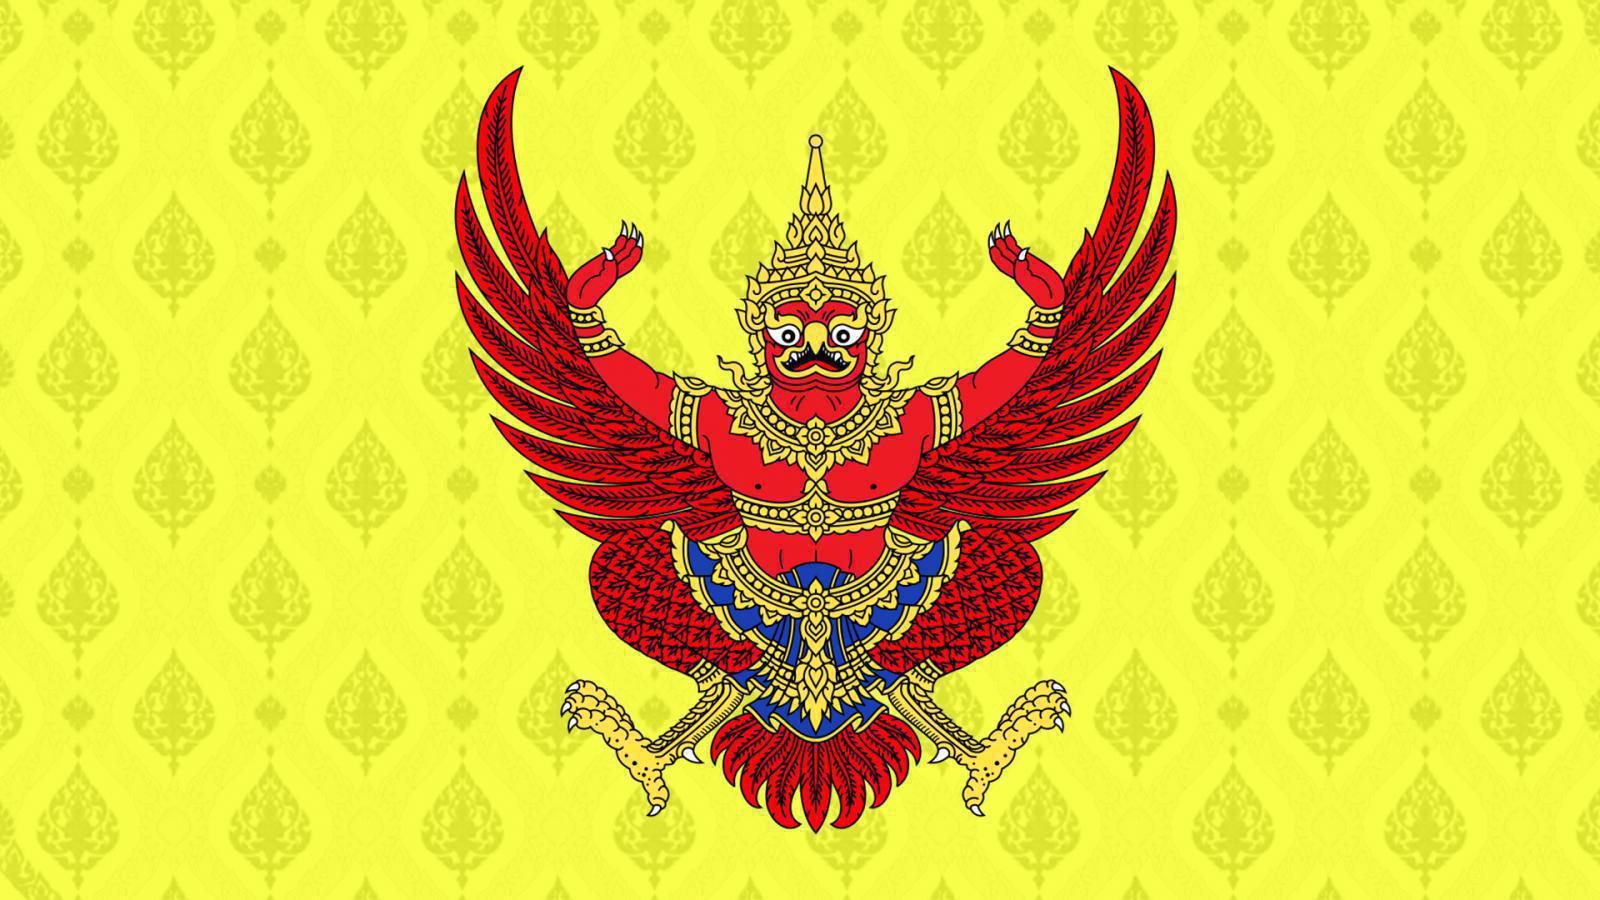 พระบรมราชโองการ โปรดเกล้าฯแต่งตั้งประธานศาลฎีกา